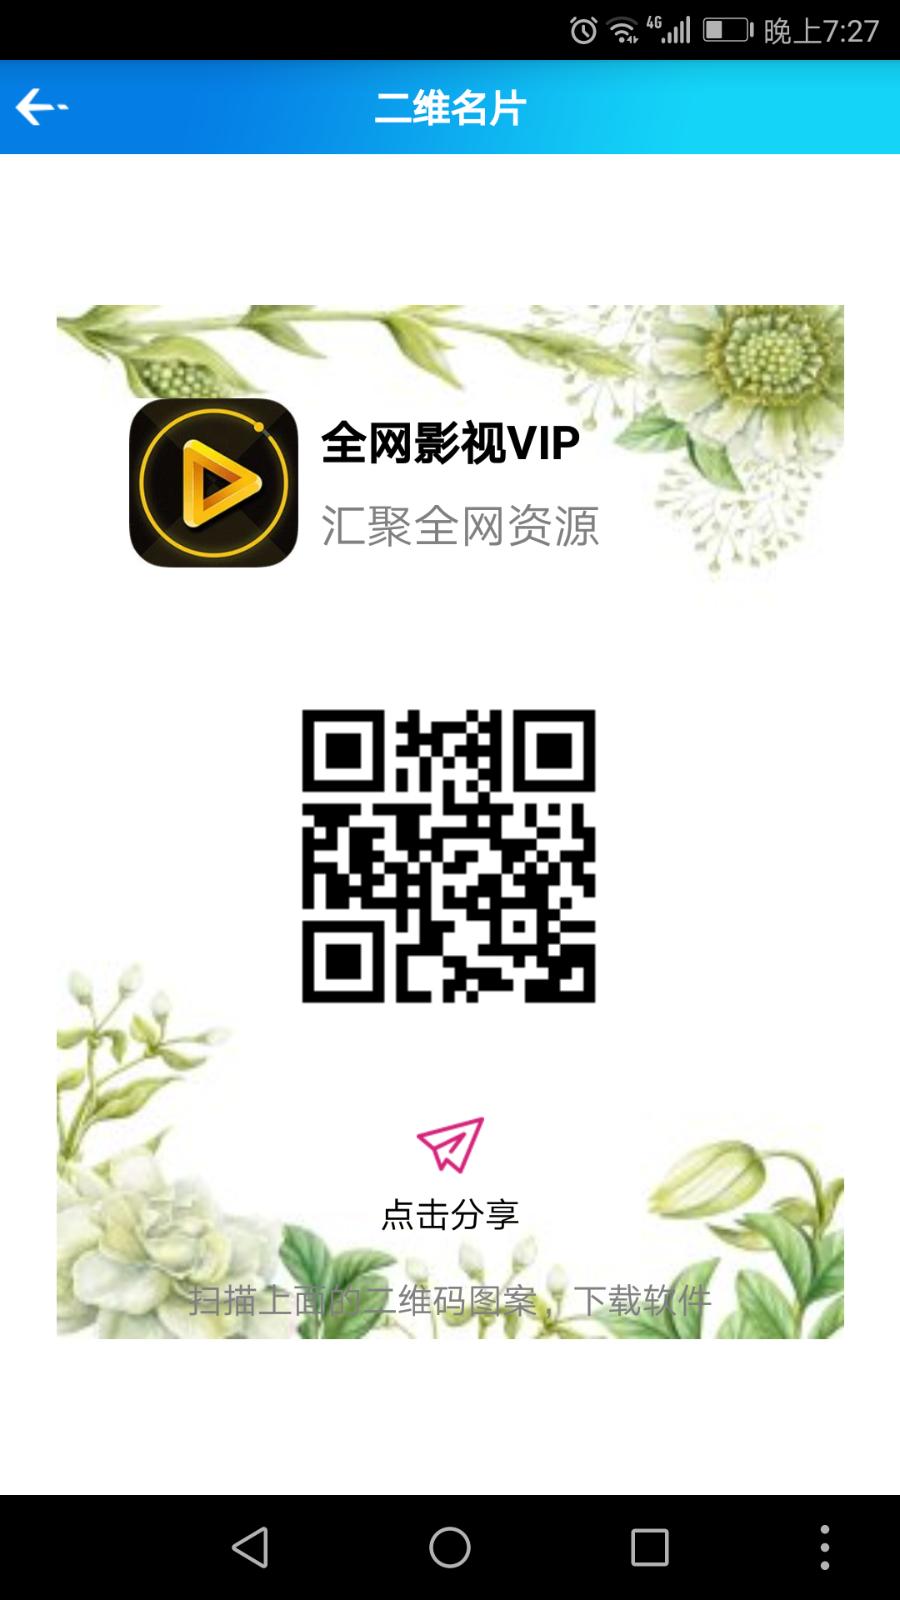 全网vip视频全新改版,全国唯一版,请测试APP!